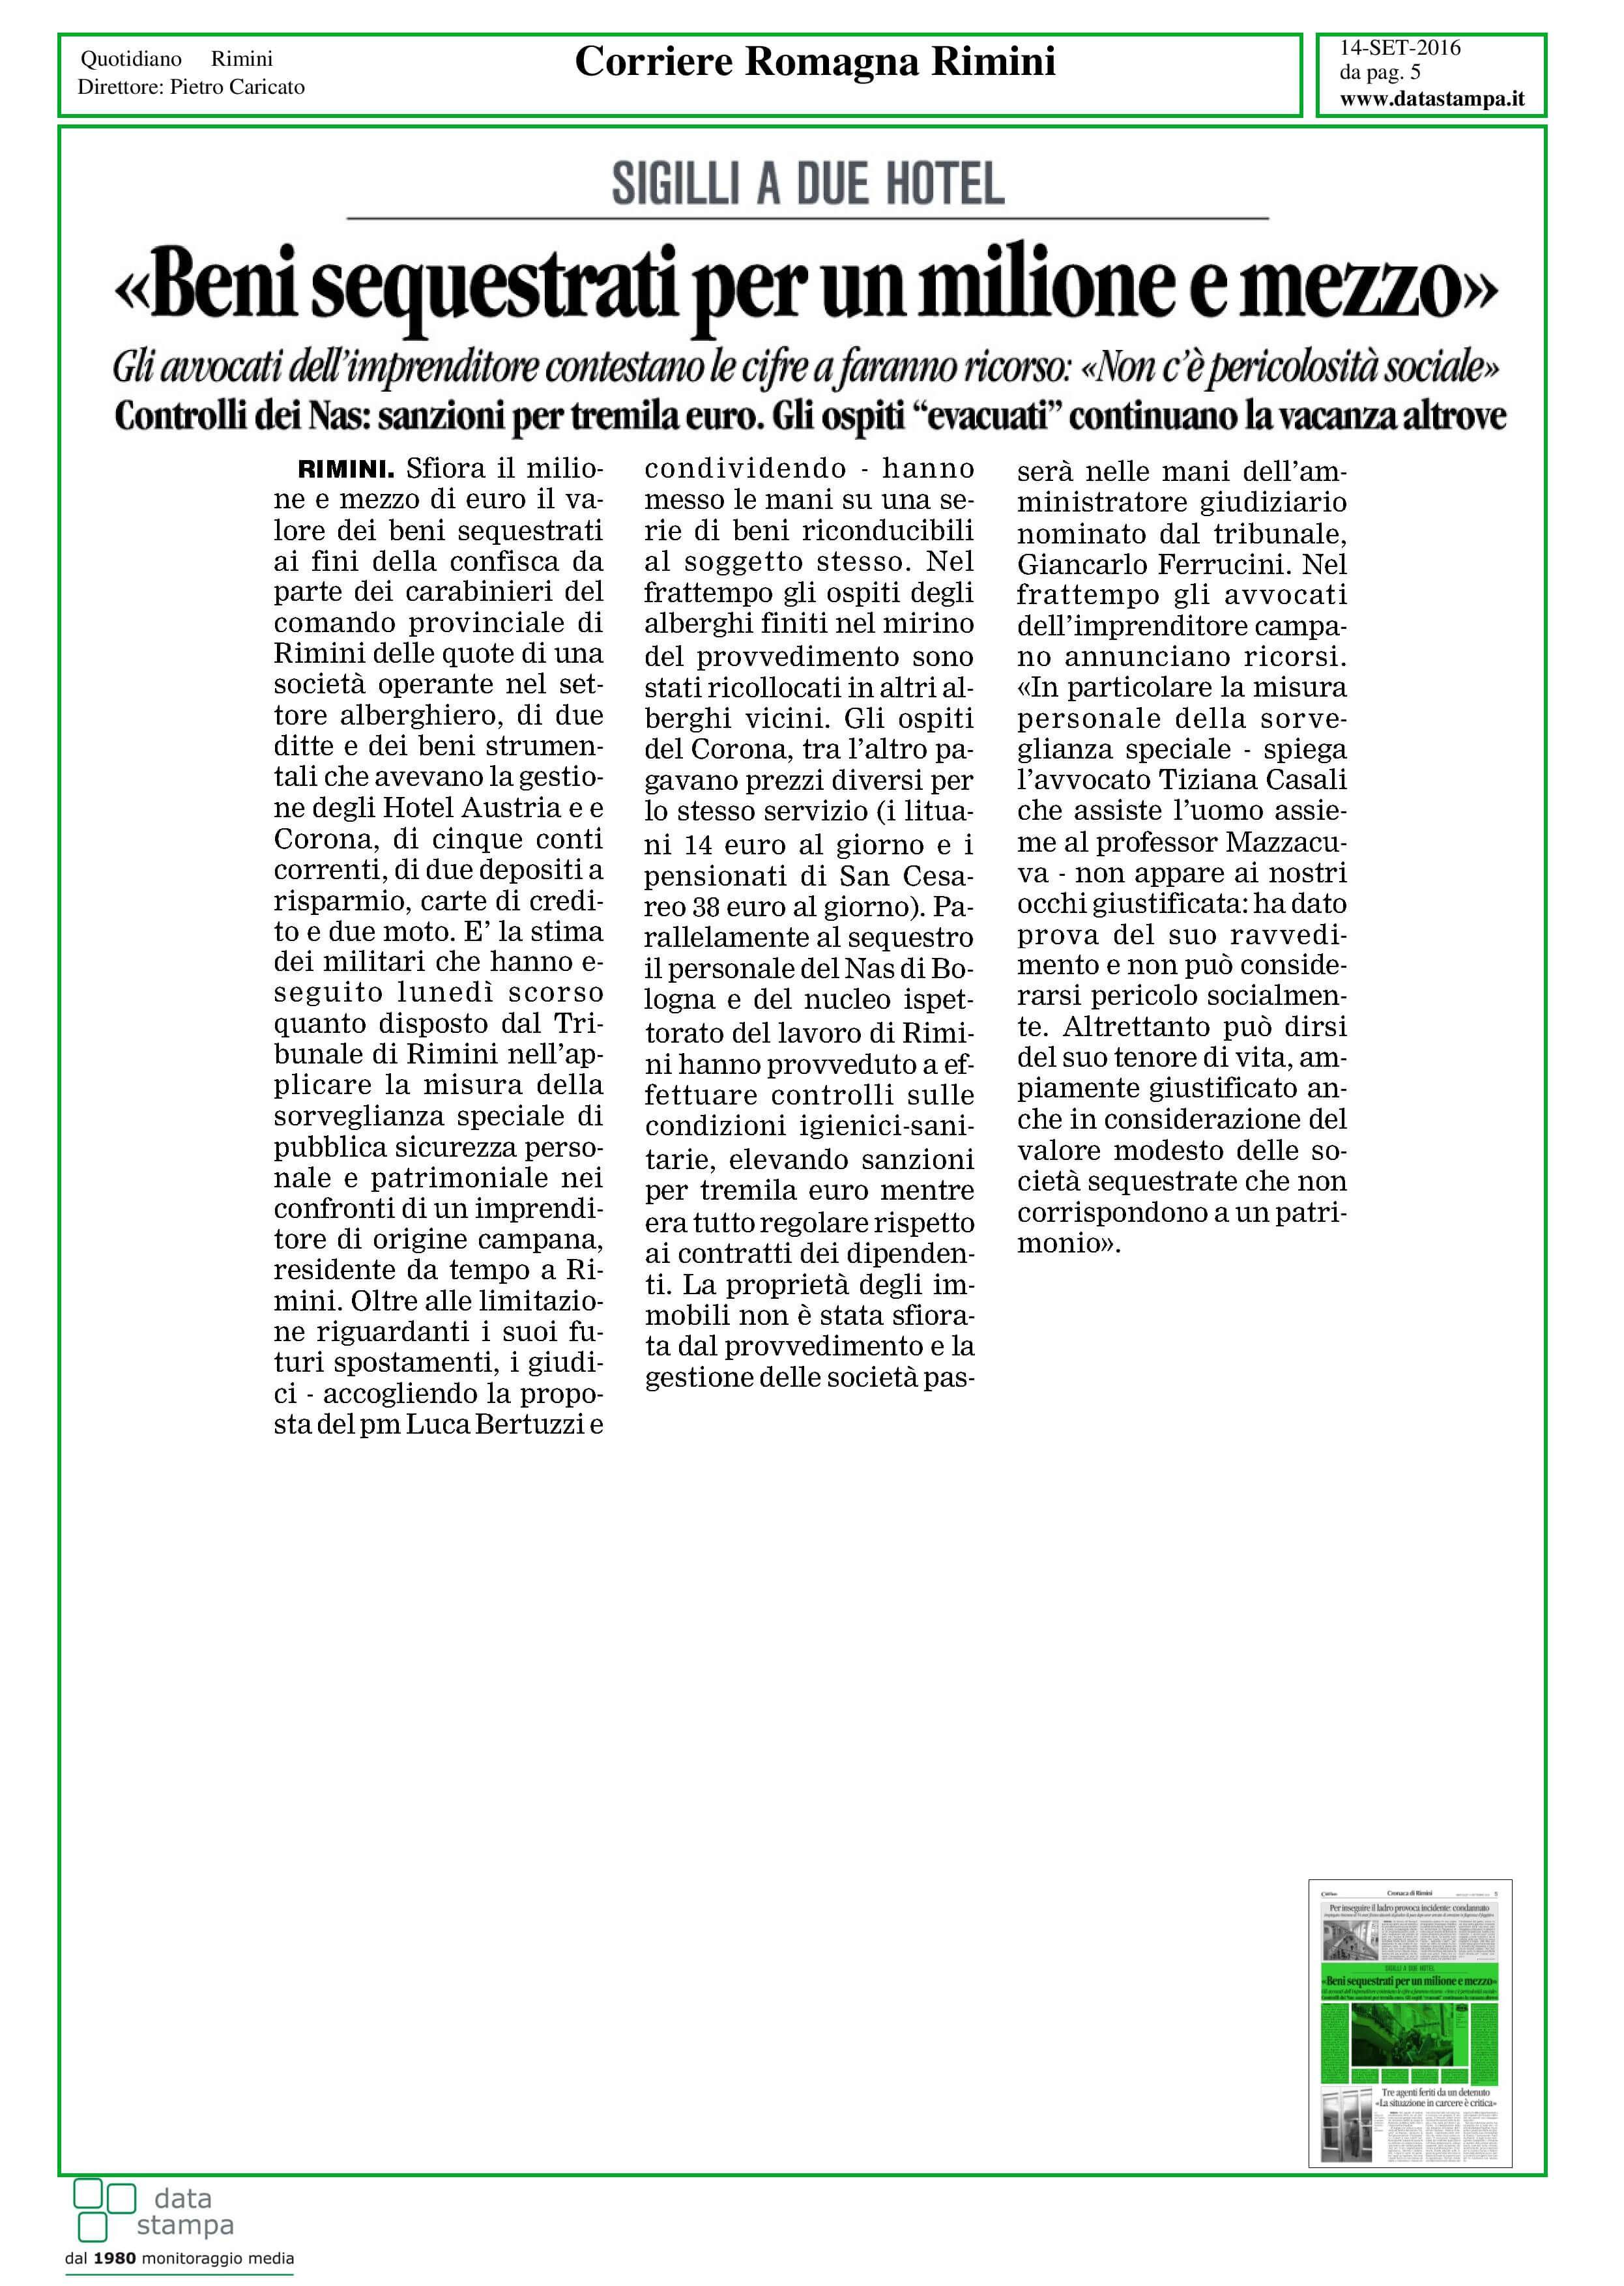 due-hotel-sigillati-rimini-page-001